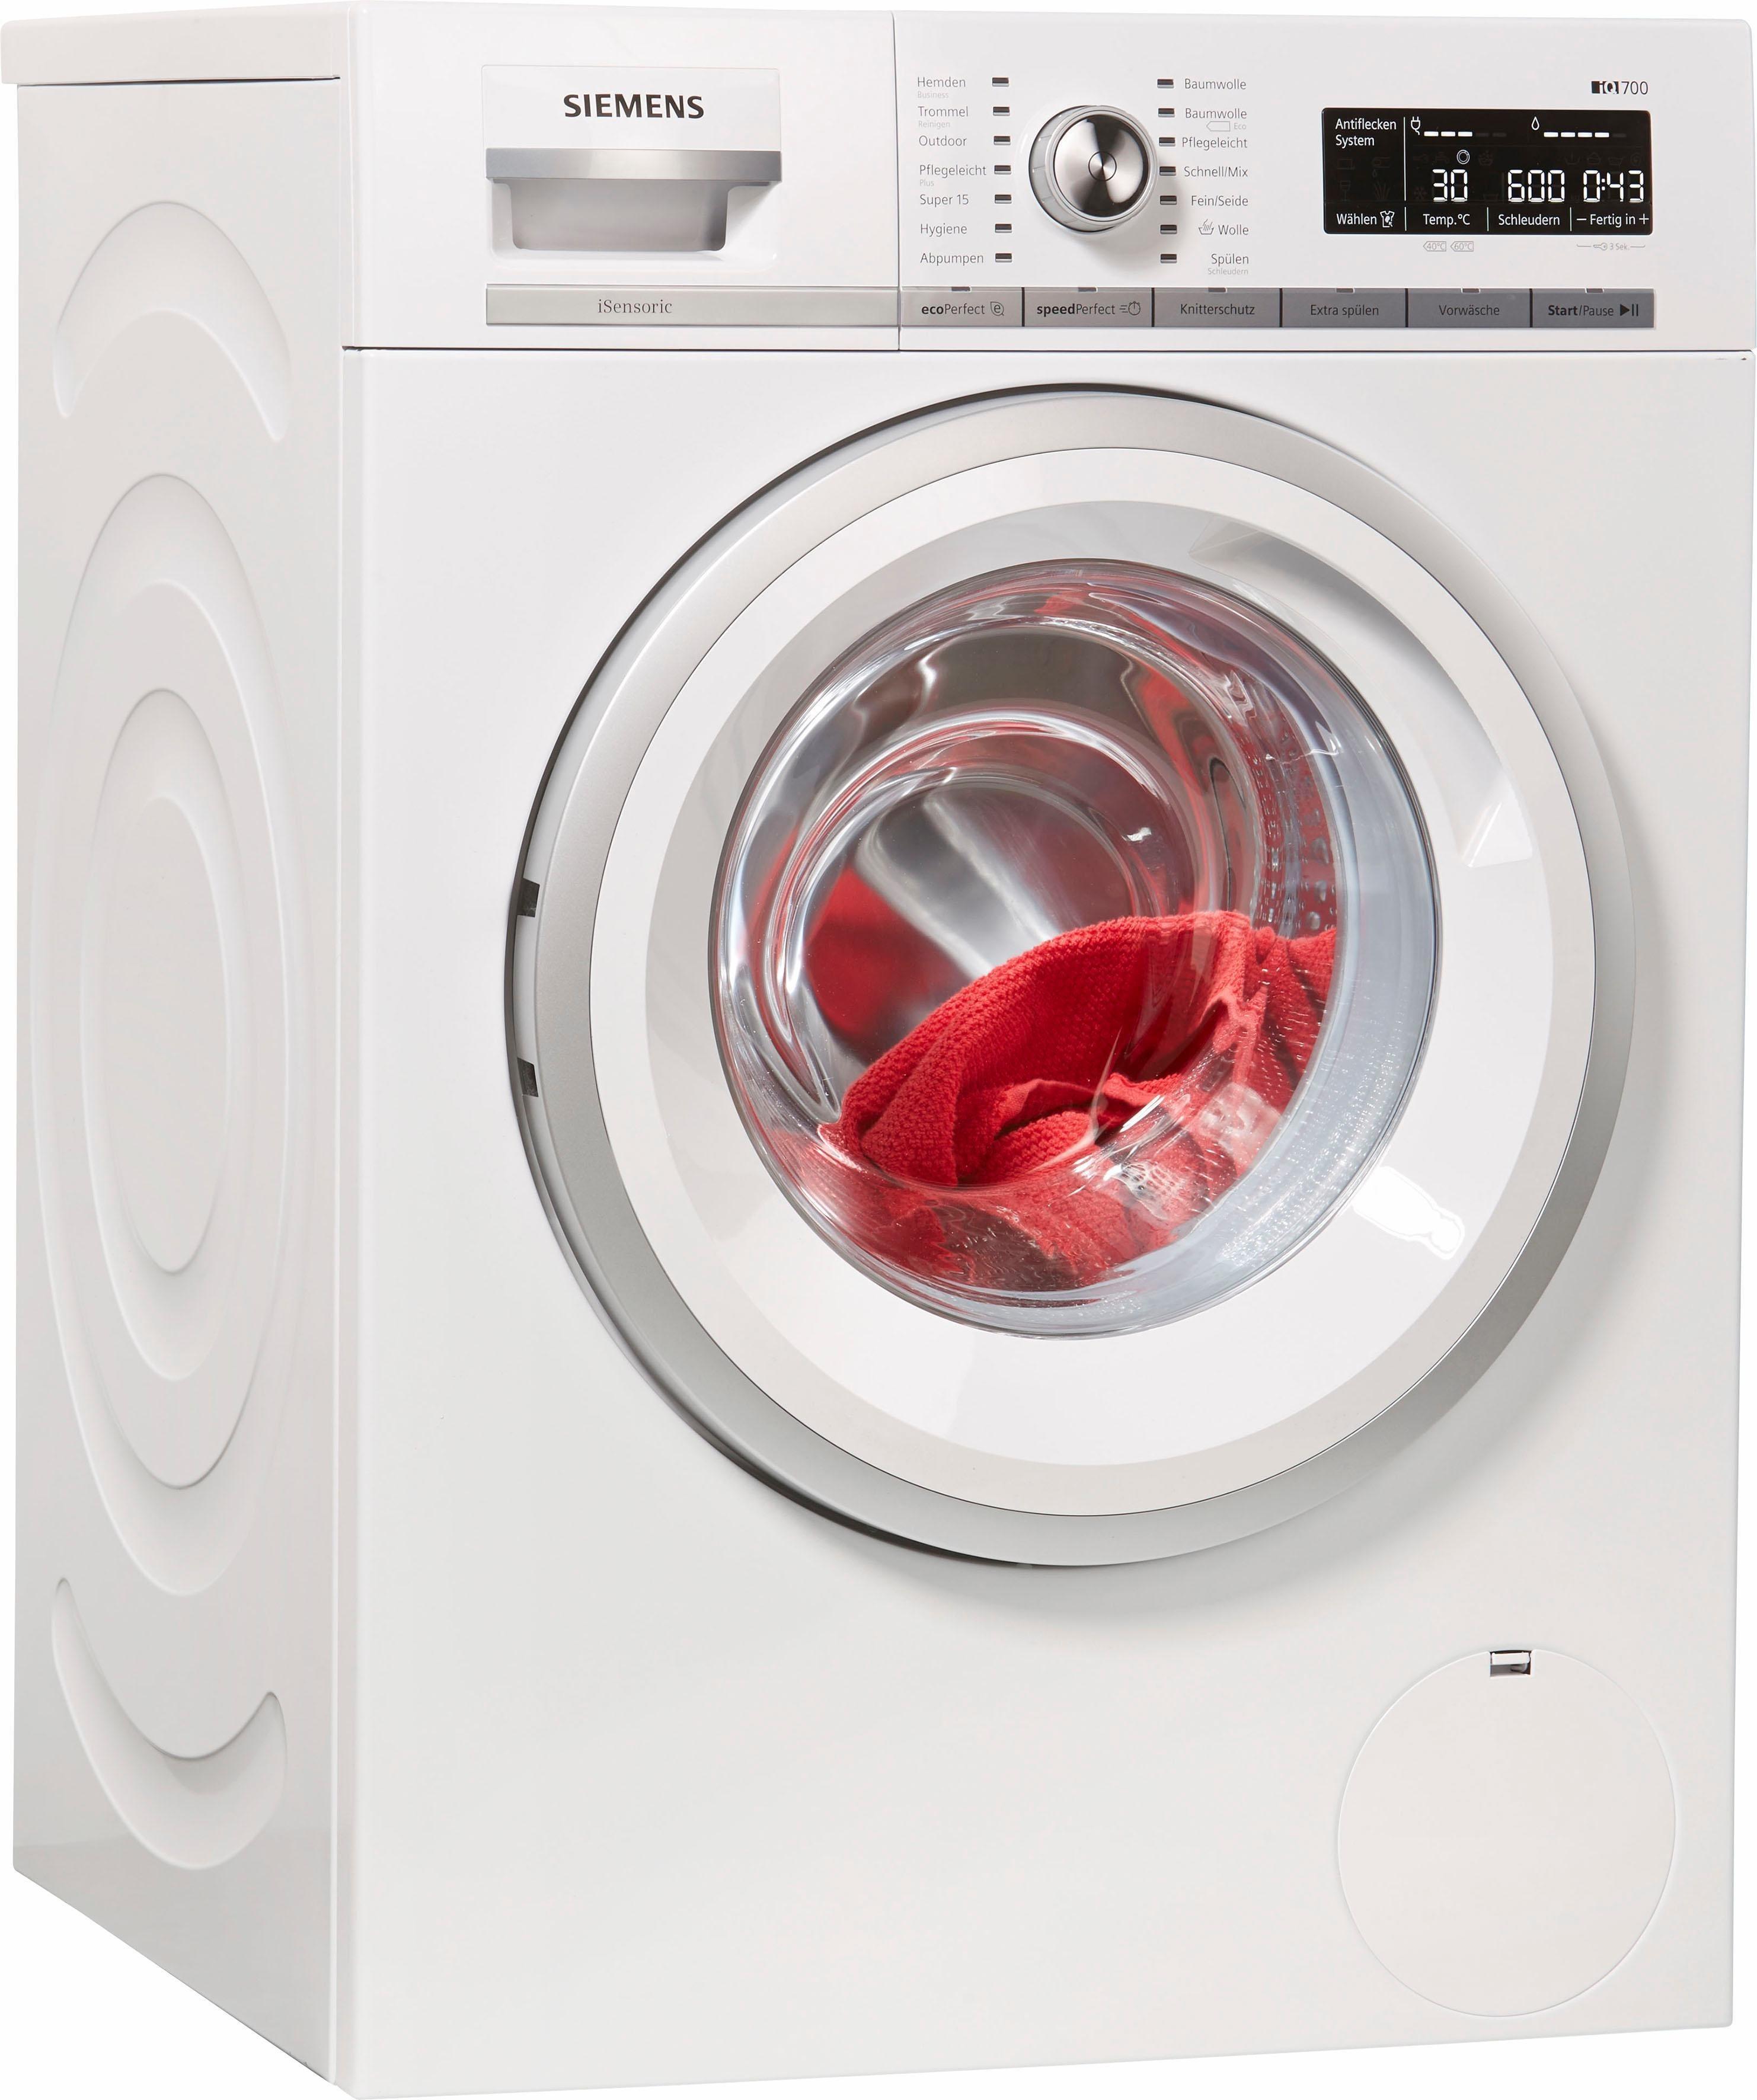 waschmaschinen sockel preisvergleich die besten angebote. Black Bedroom Furniture Sets. Home Design Ideas